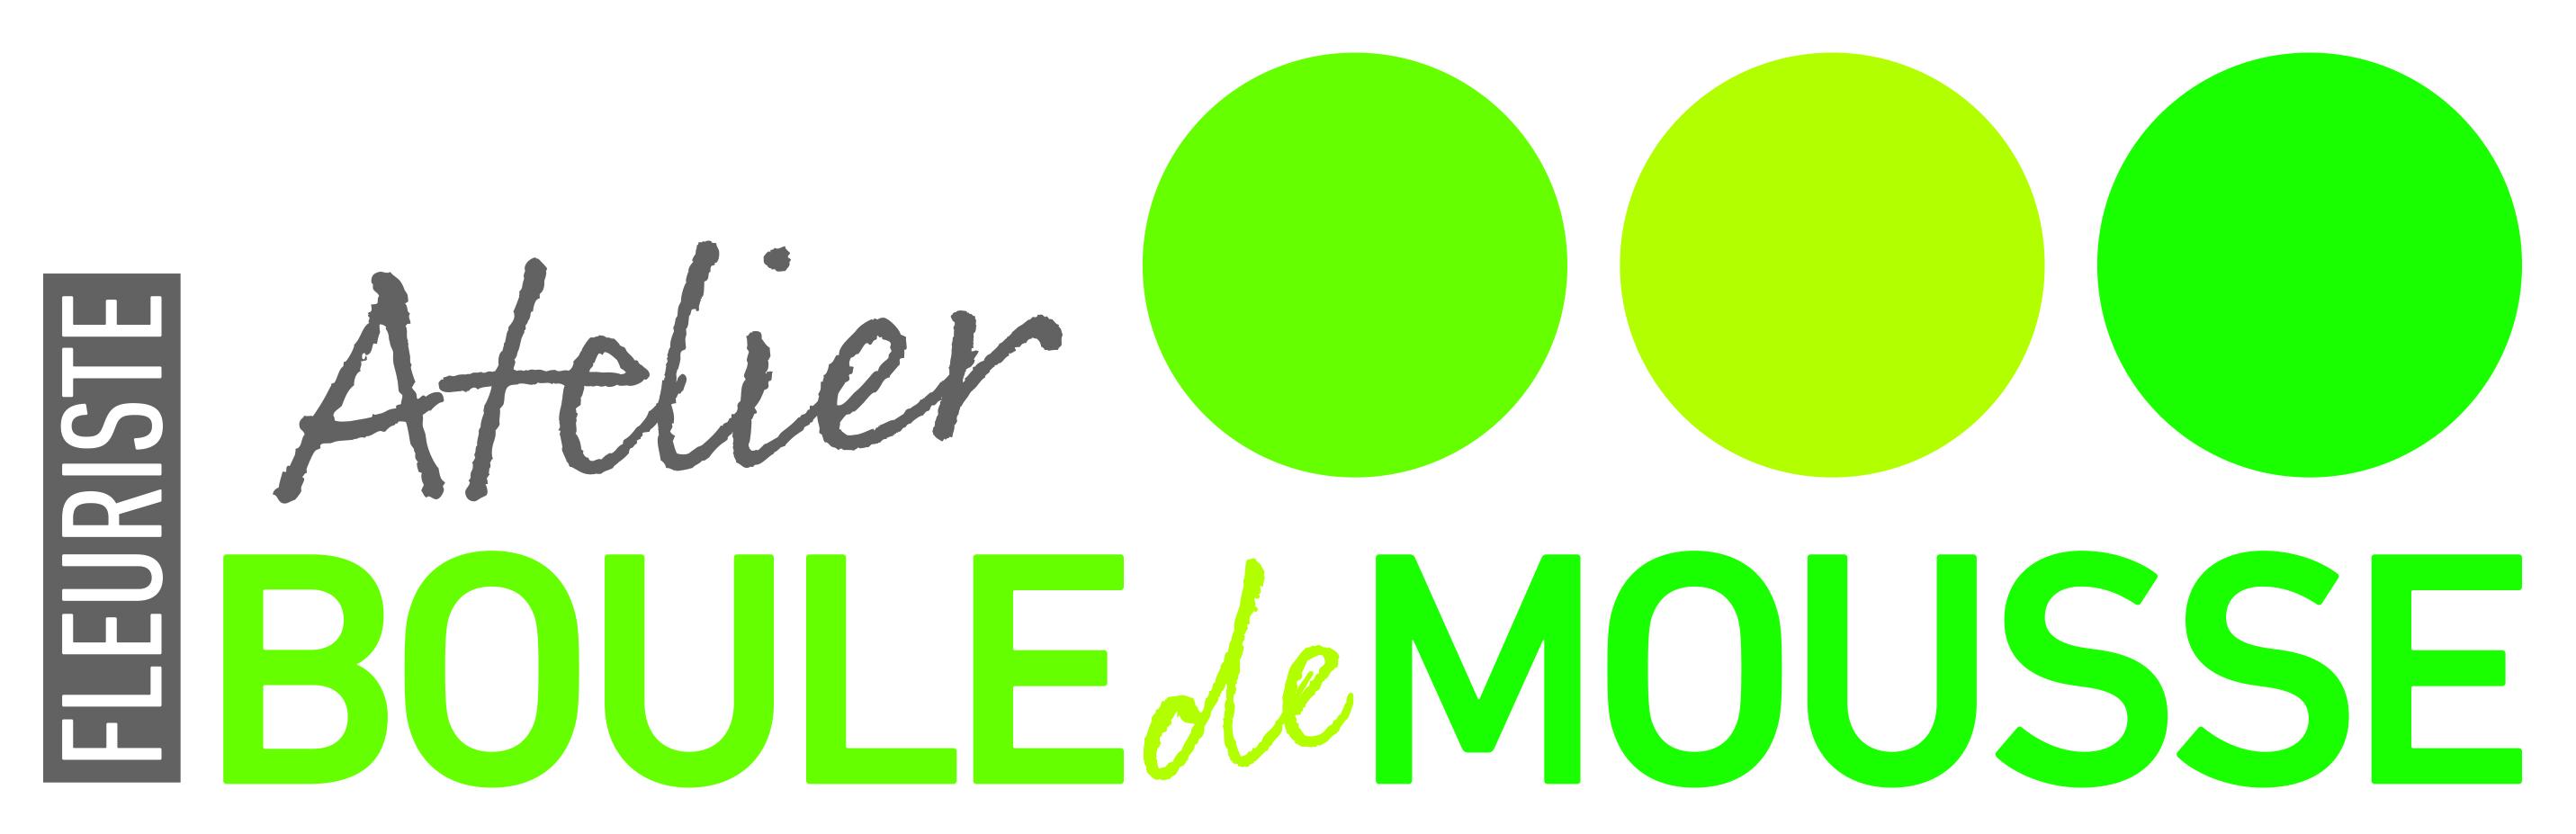 Logo Atelier Boule de Mousse.jpg